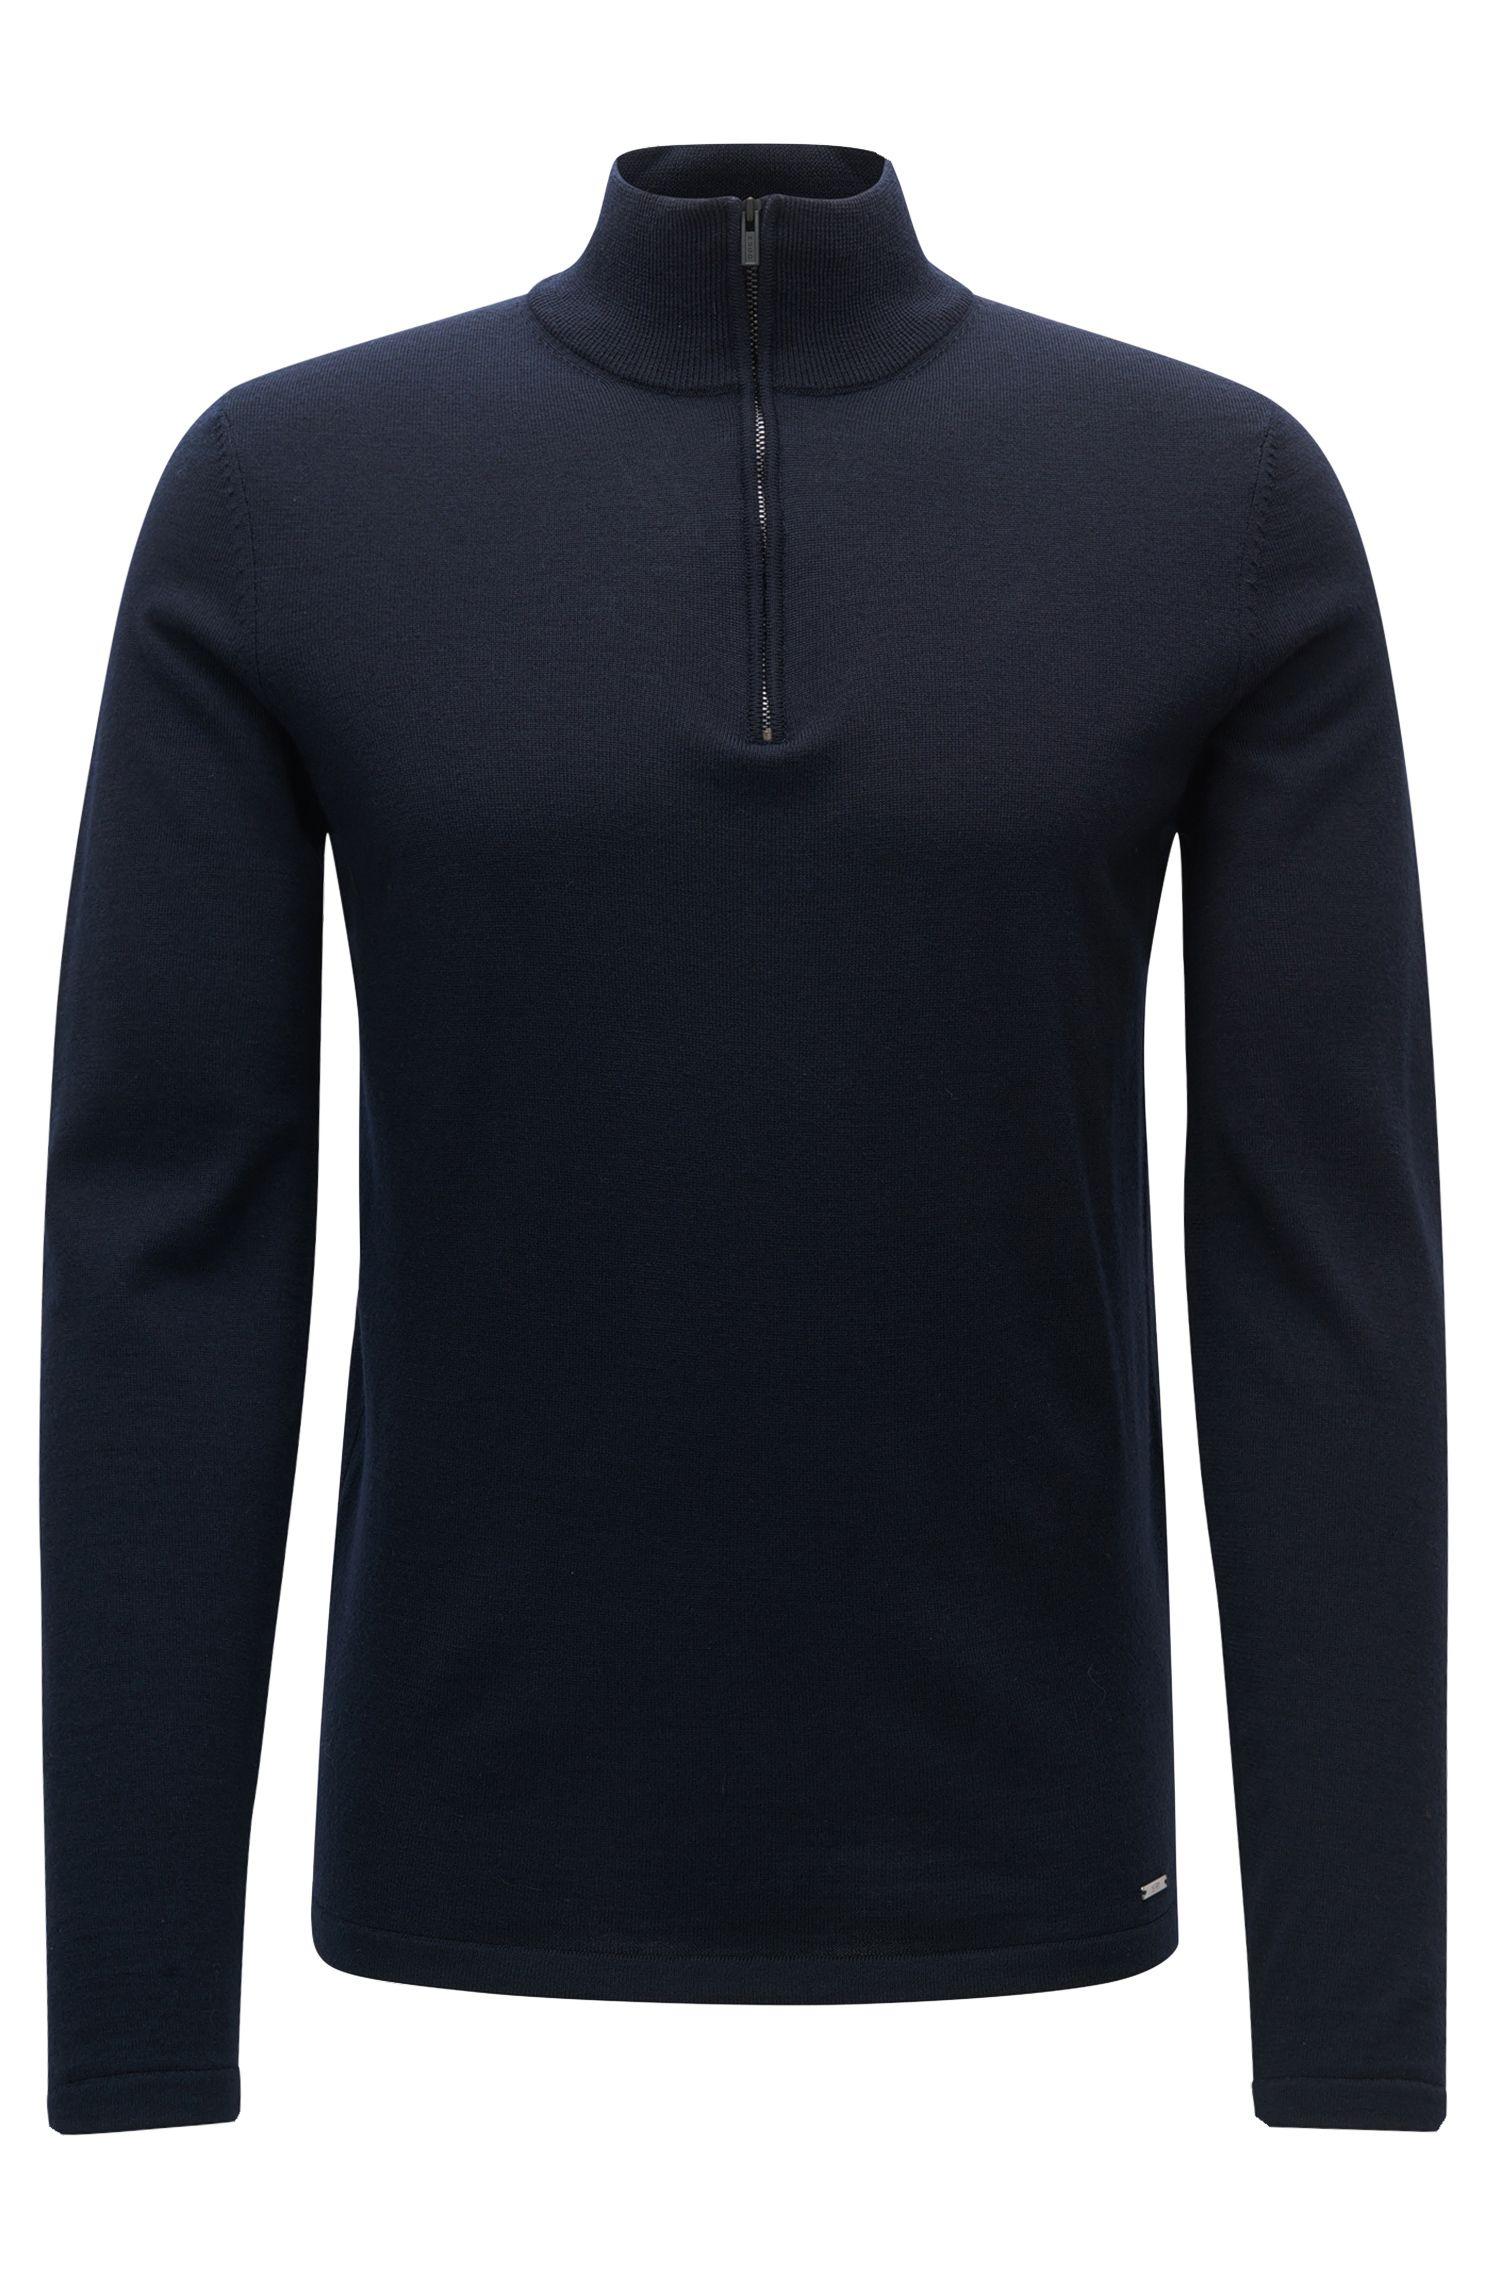 Jersey en lana de merino con cremallera en el cuello